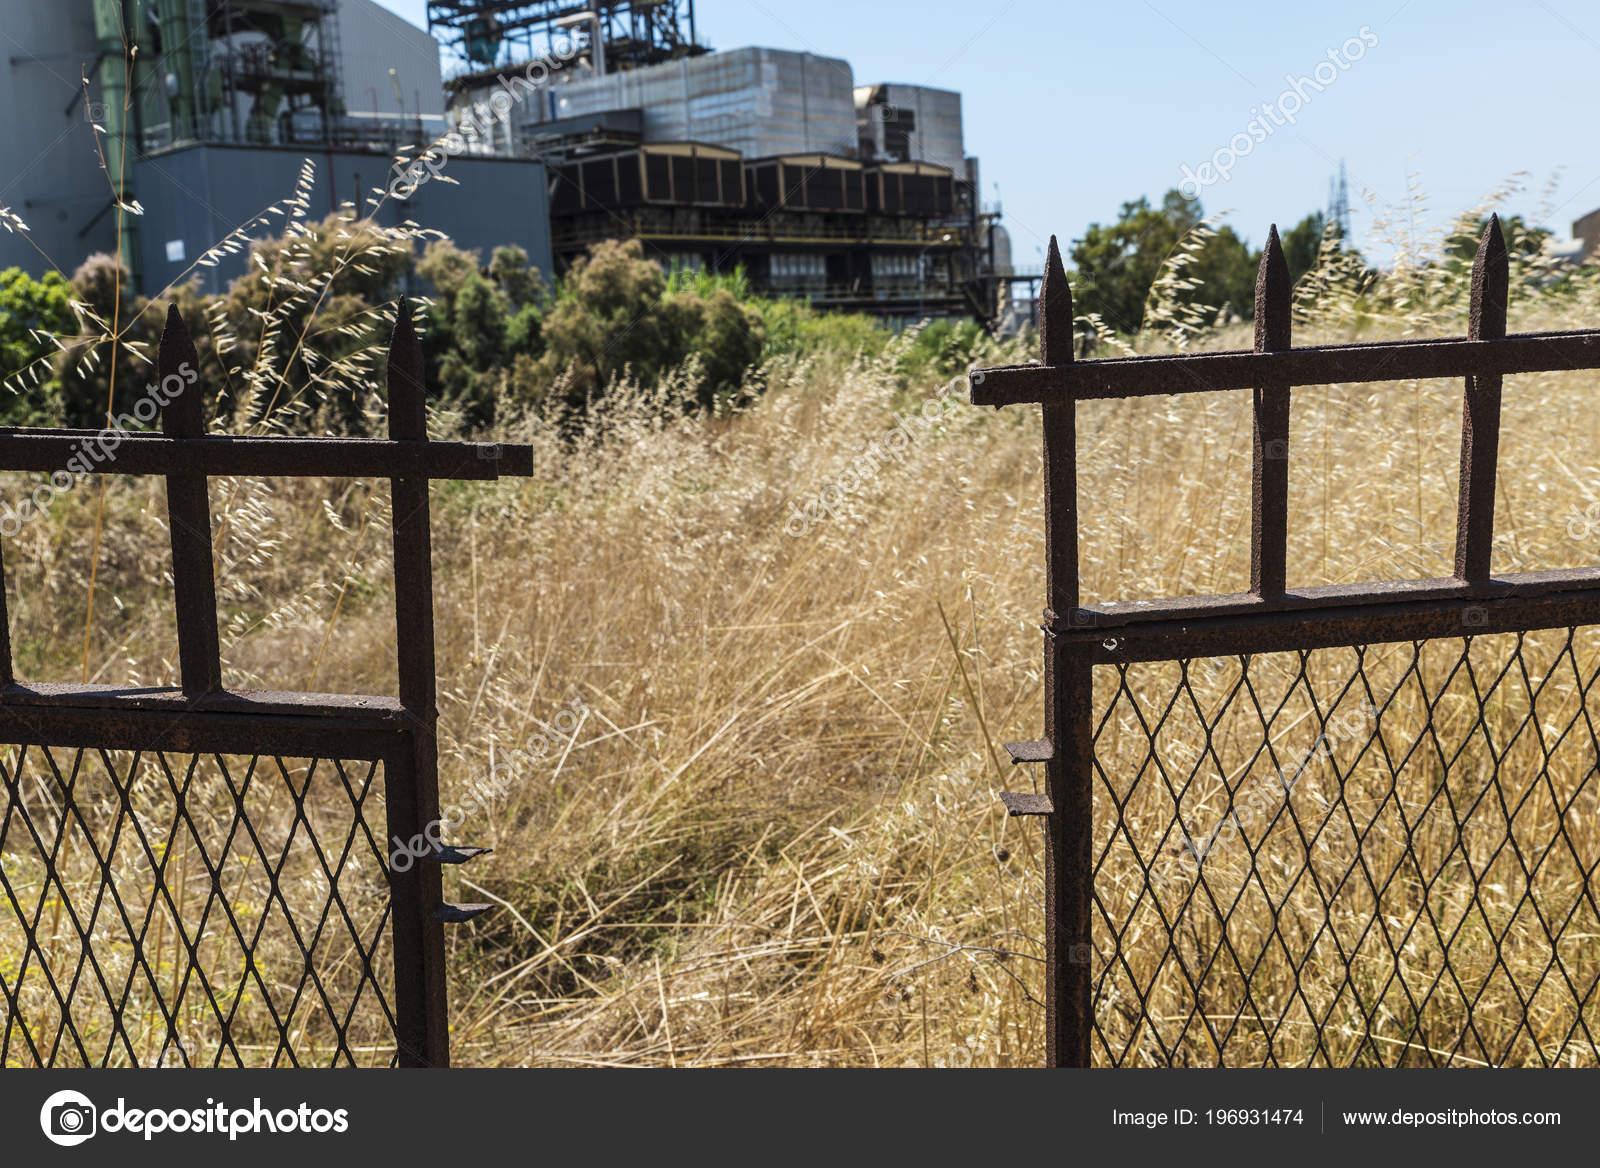 Verrostet Und Spitzen Metall Zaun Rund Eine Verlassene Raffinerie